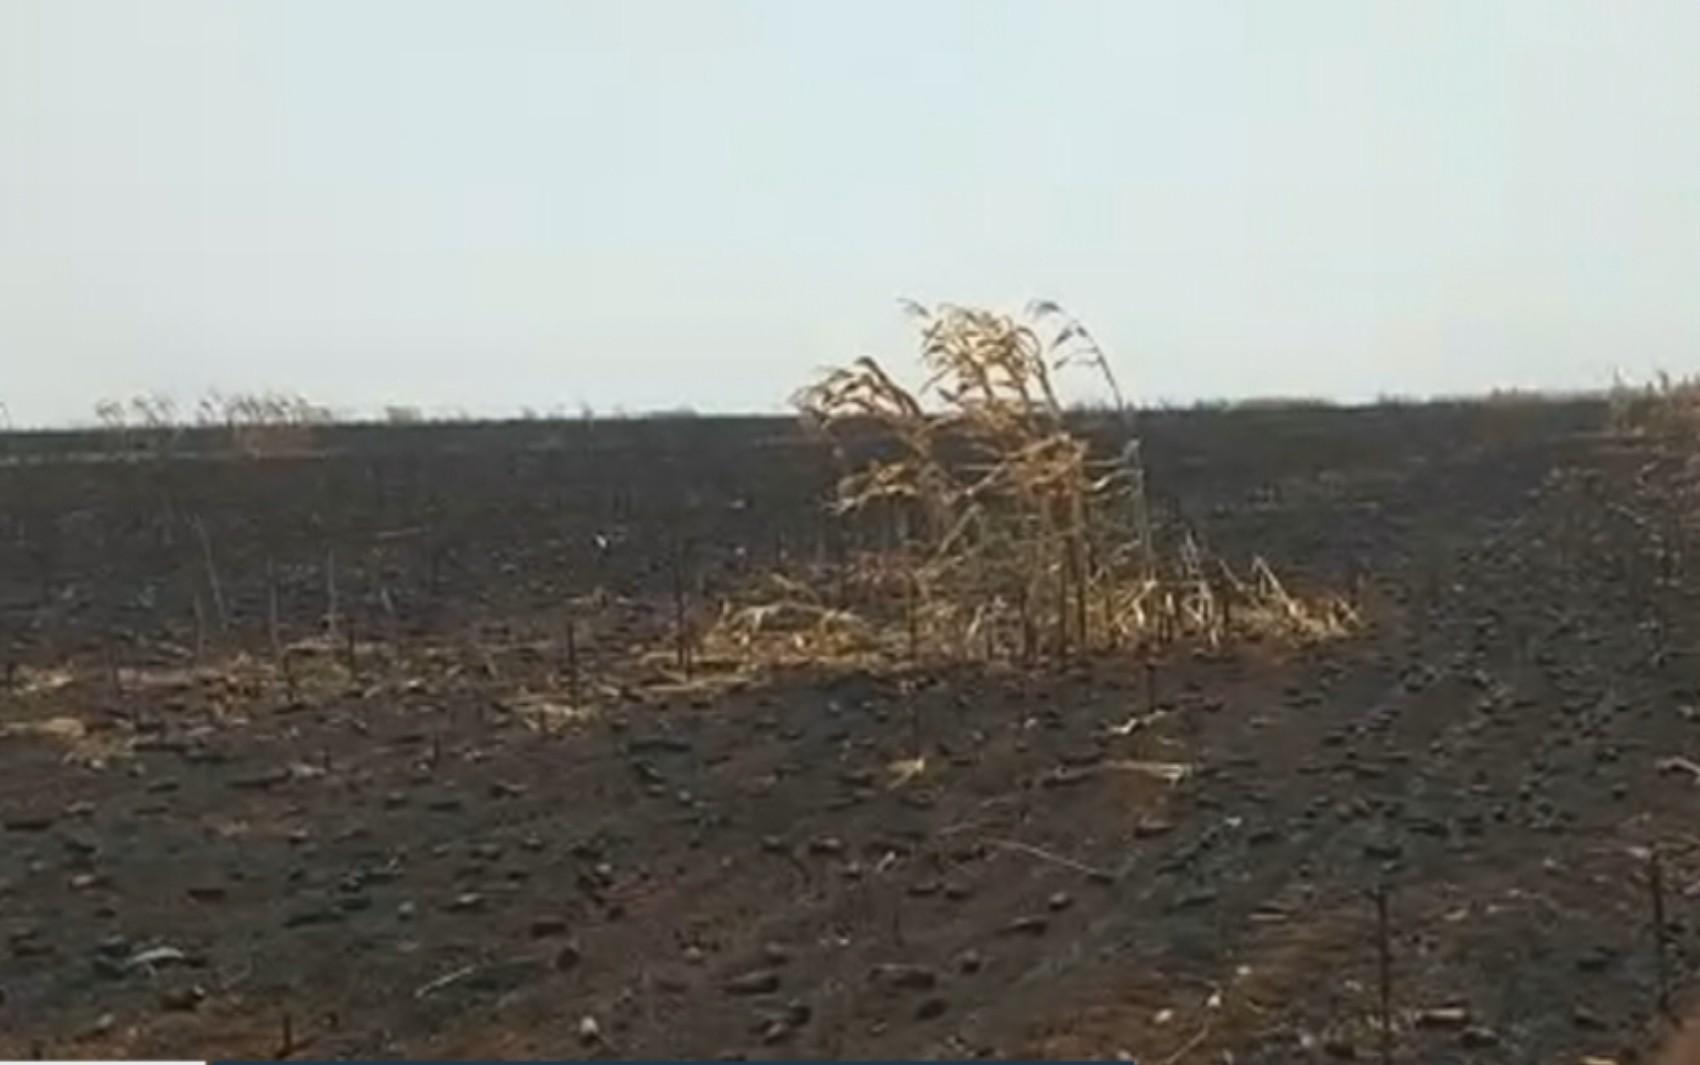 Agricultor relata prejuízo de cerca de R$ 1,5 milhão após incêndio destruir lavoura na Chapada dos Veadeiros; vídeo